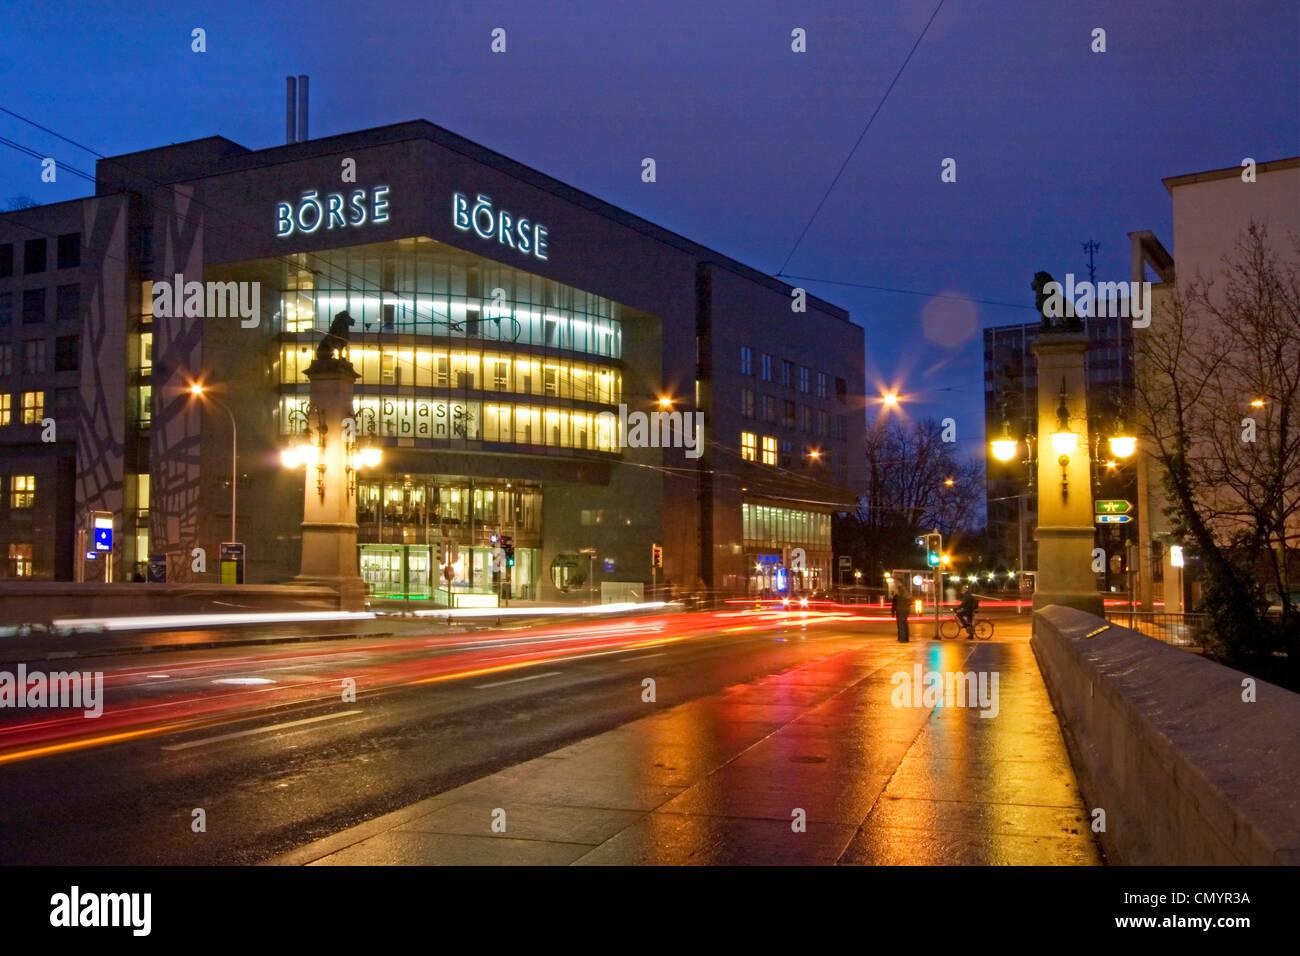 Stock Exchange al crepuscolo all'aperto, Zurigo, Svizzera Immagini Stock